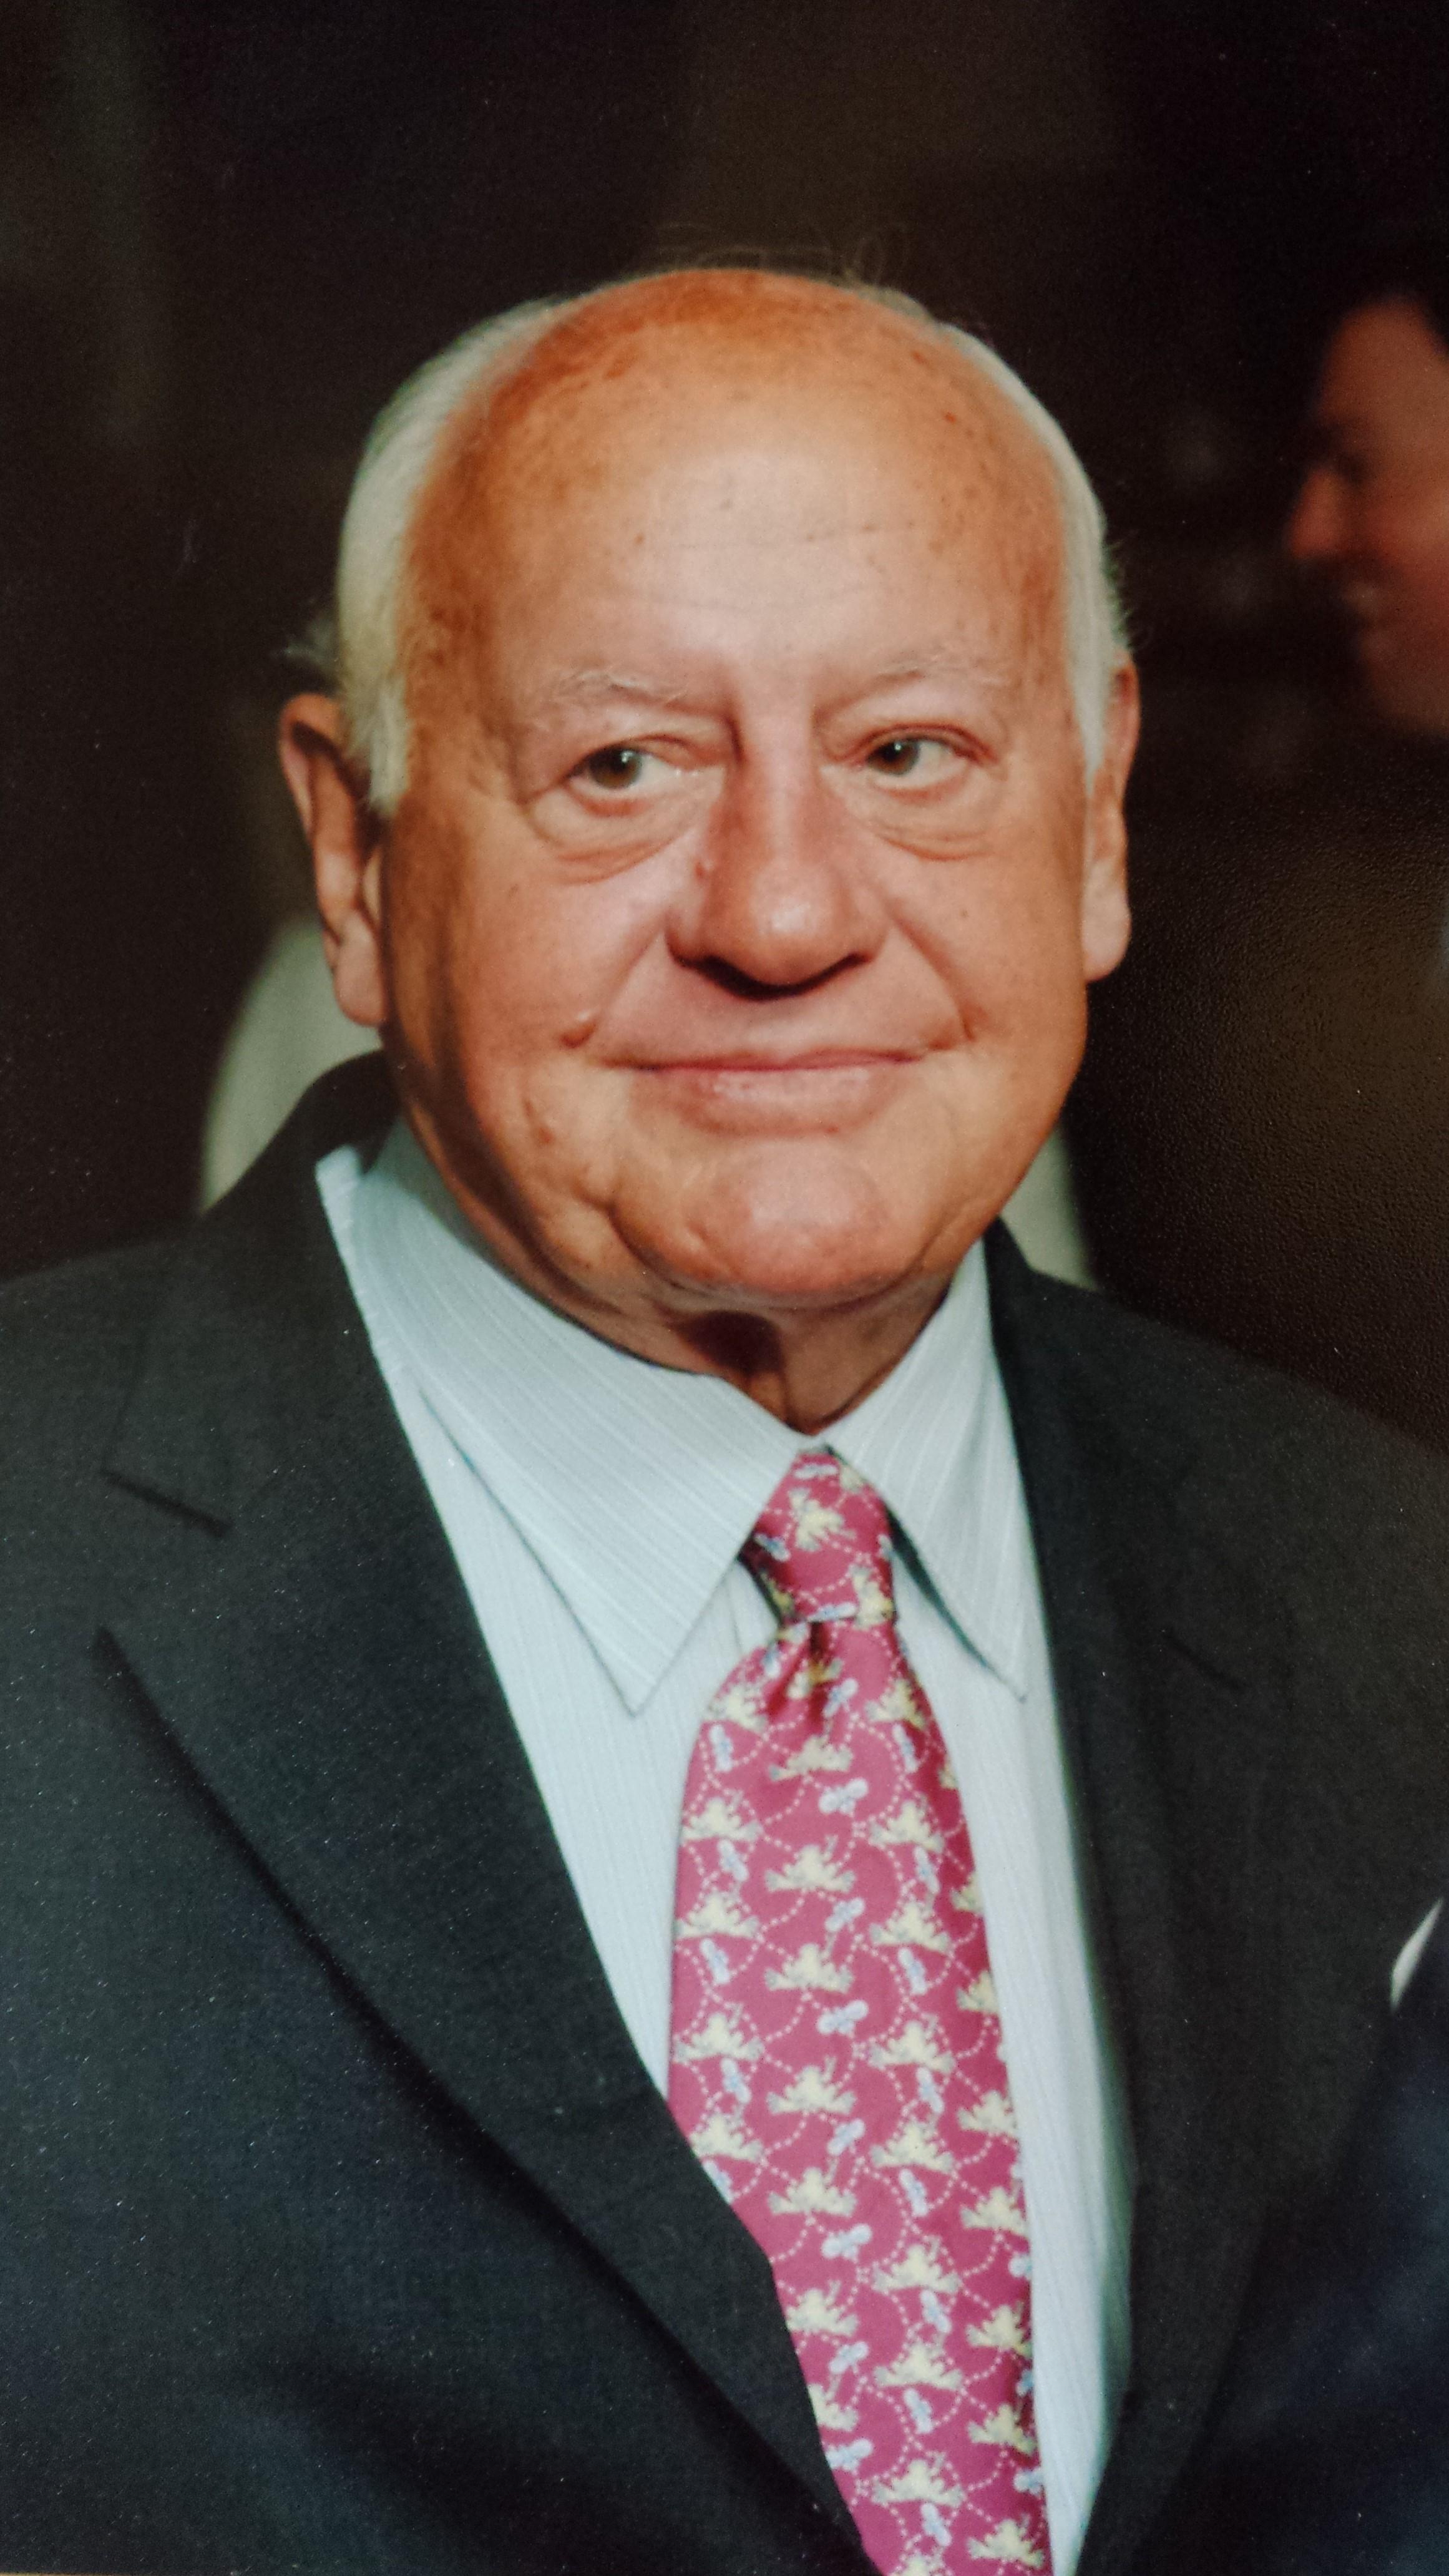 William Fullerton de Frise